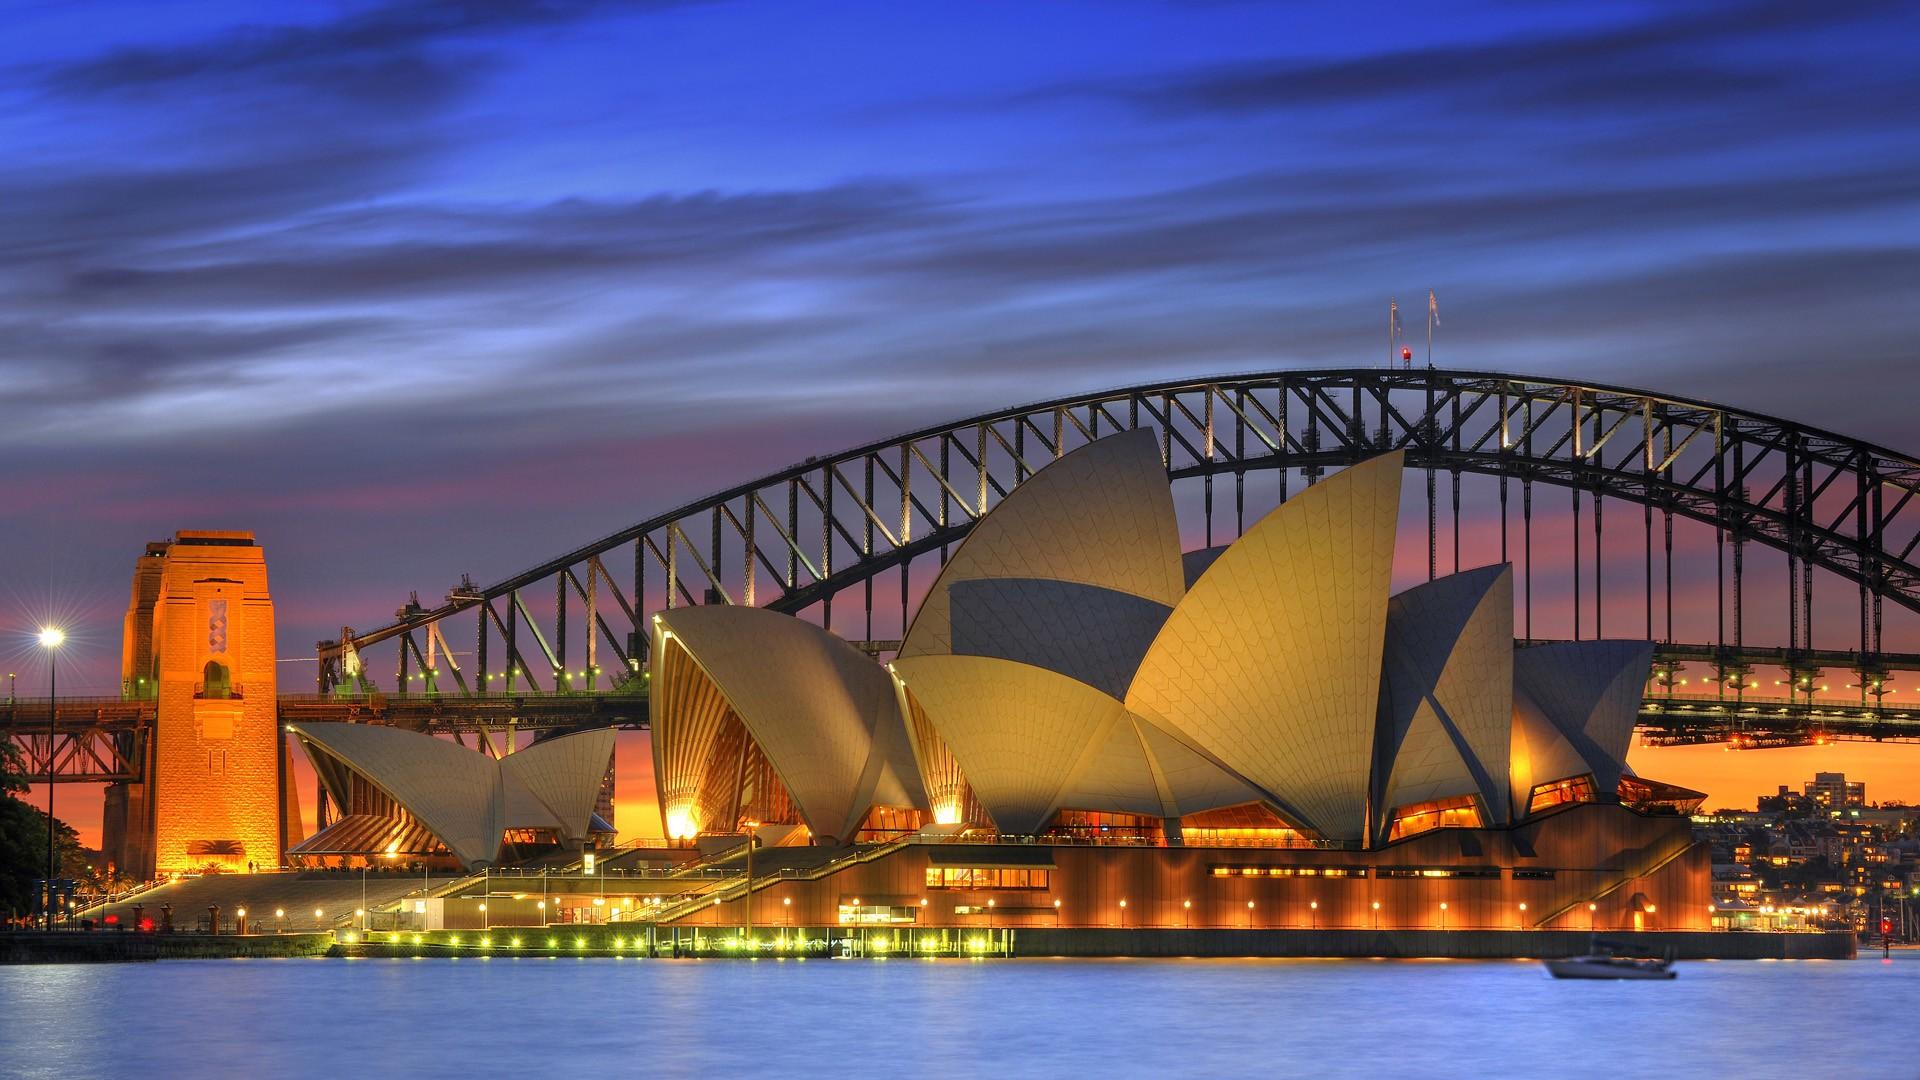 悉尼著名风景1920